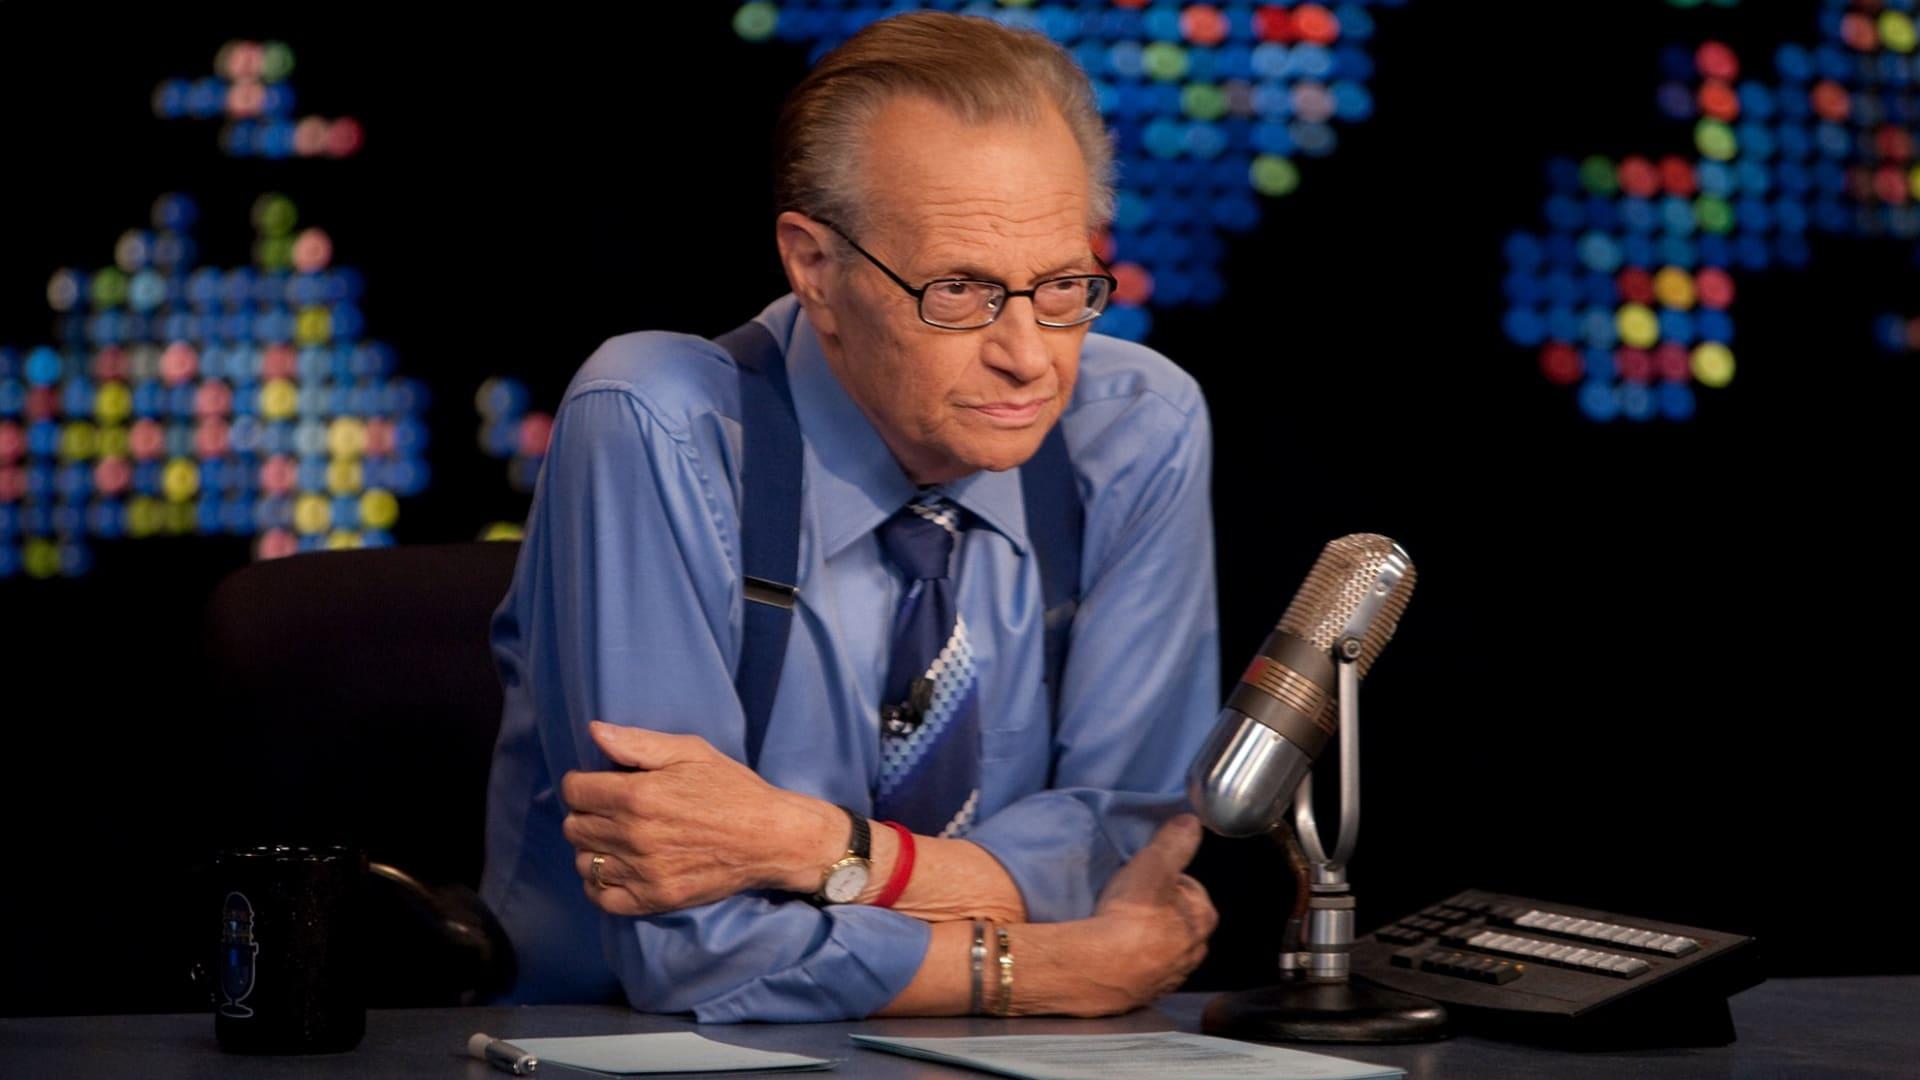 نبذة عن إرث لاري كينغ مقدم البرامج الأسطوري في CNN